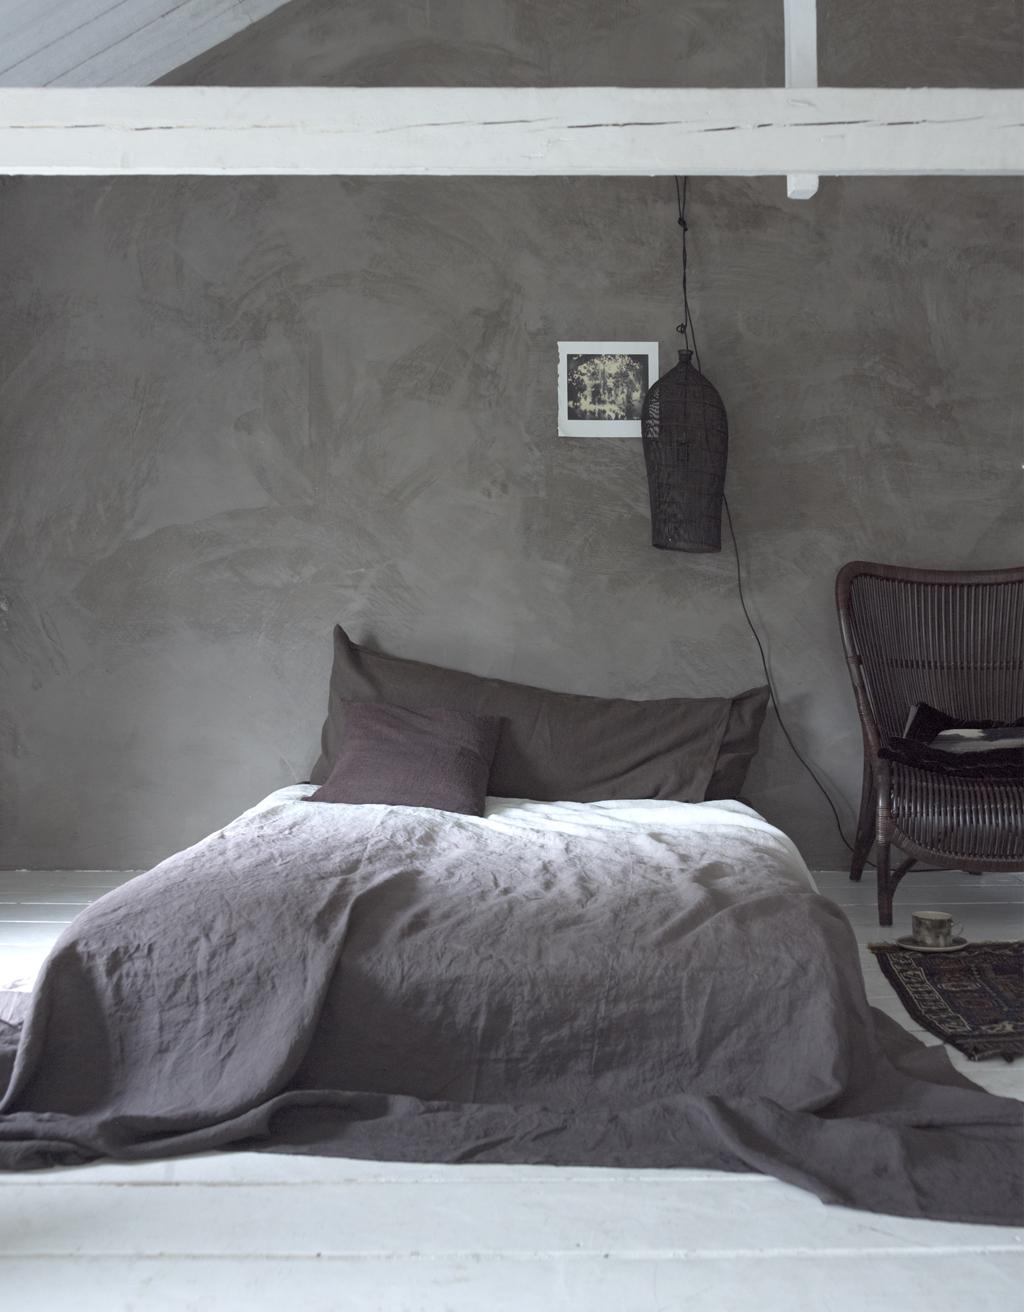 industrial grey bedroom industrial bedroom design in grey - Panda's House